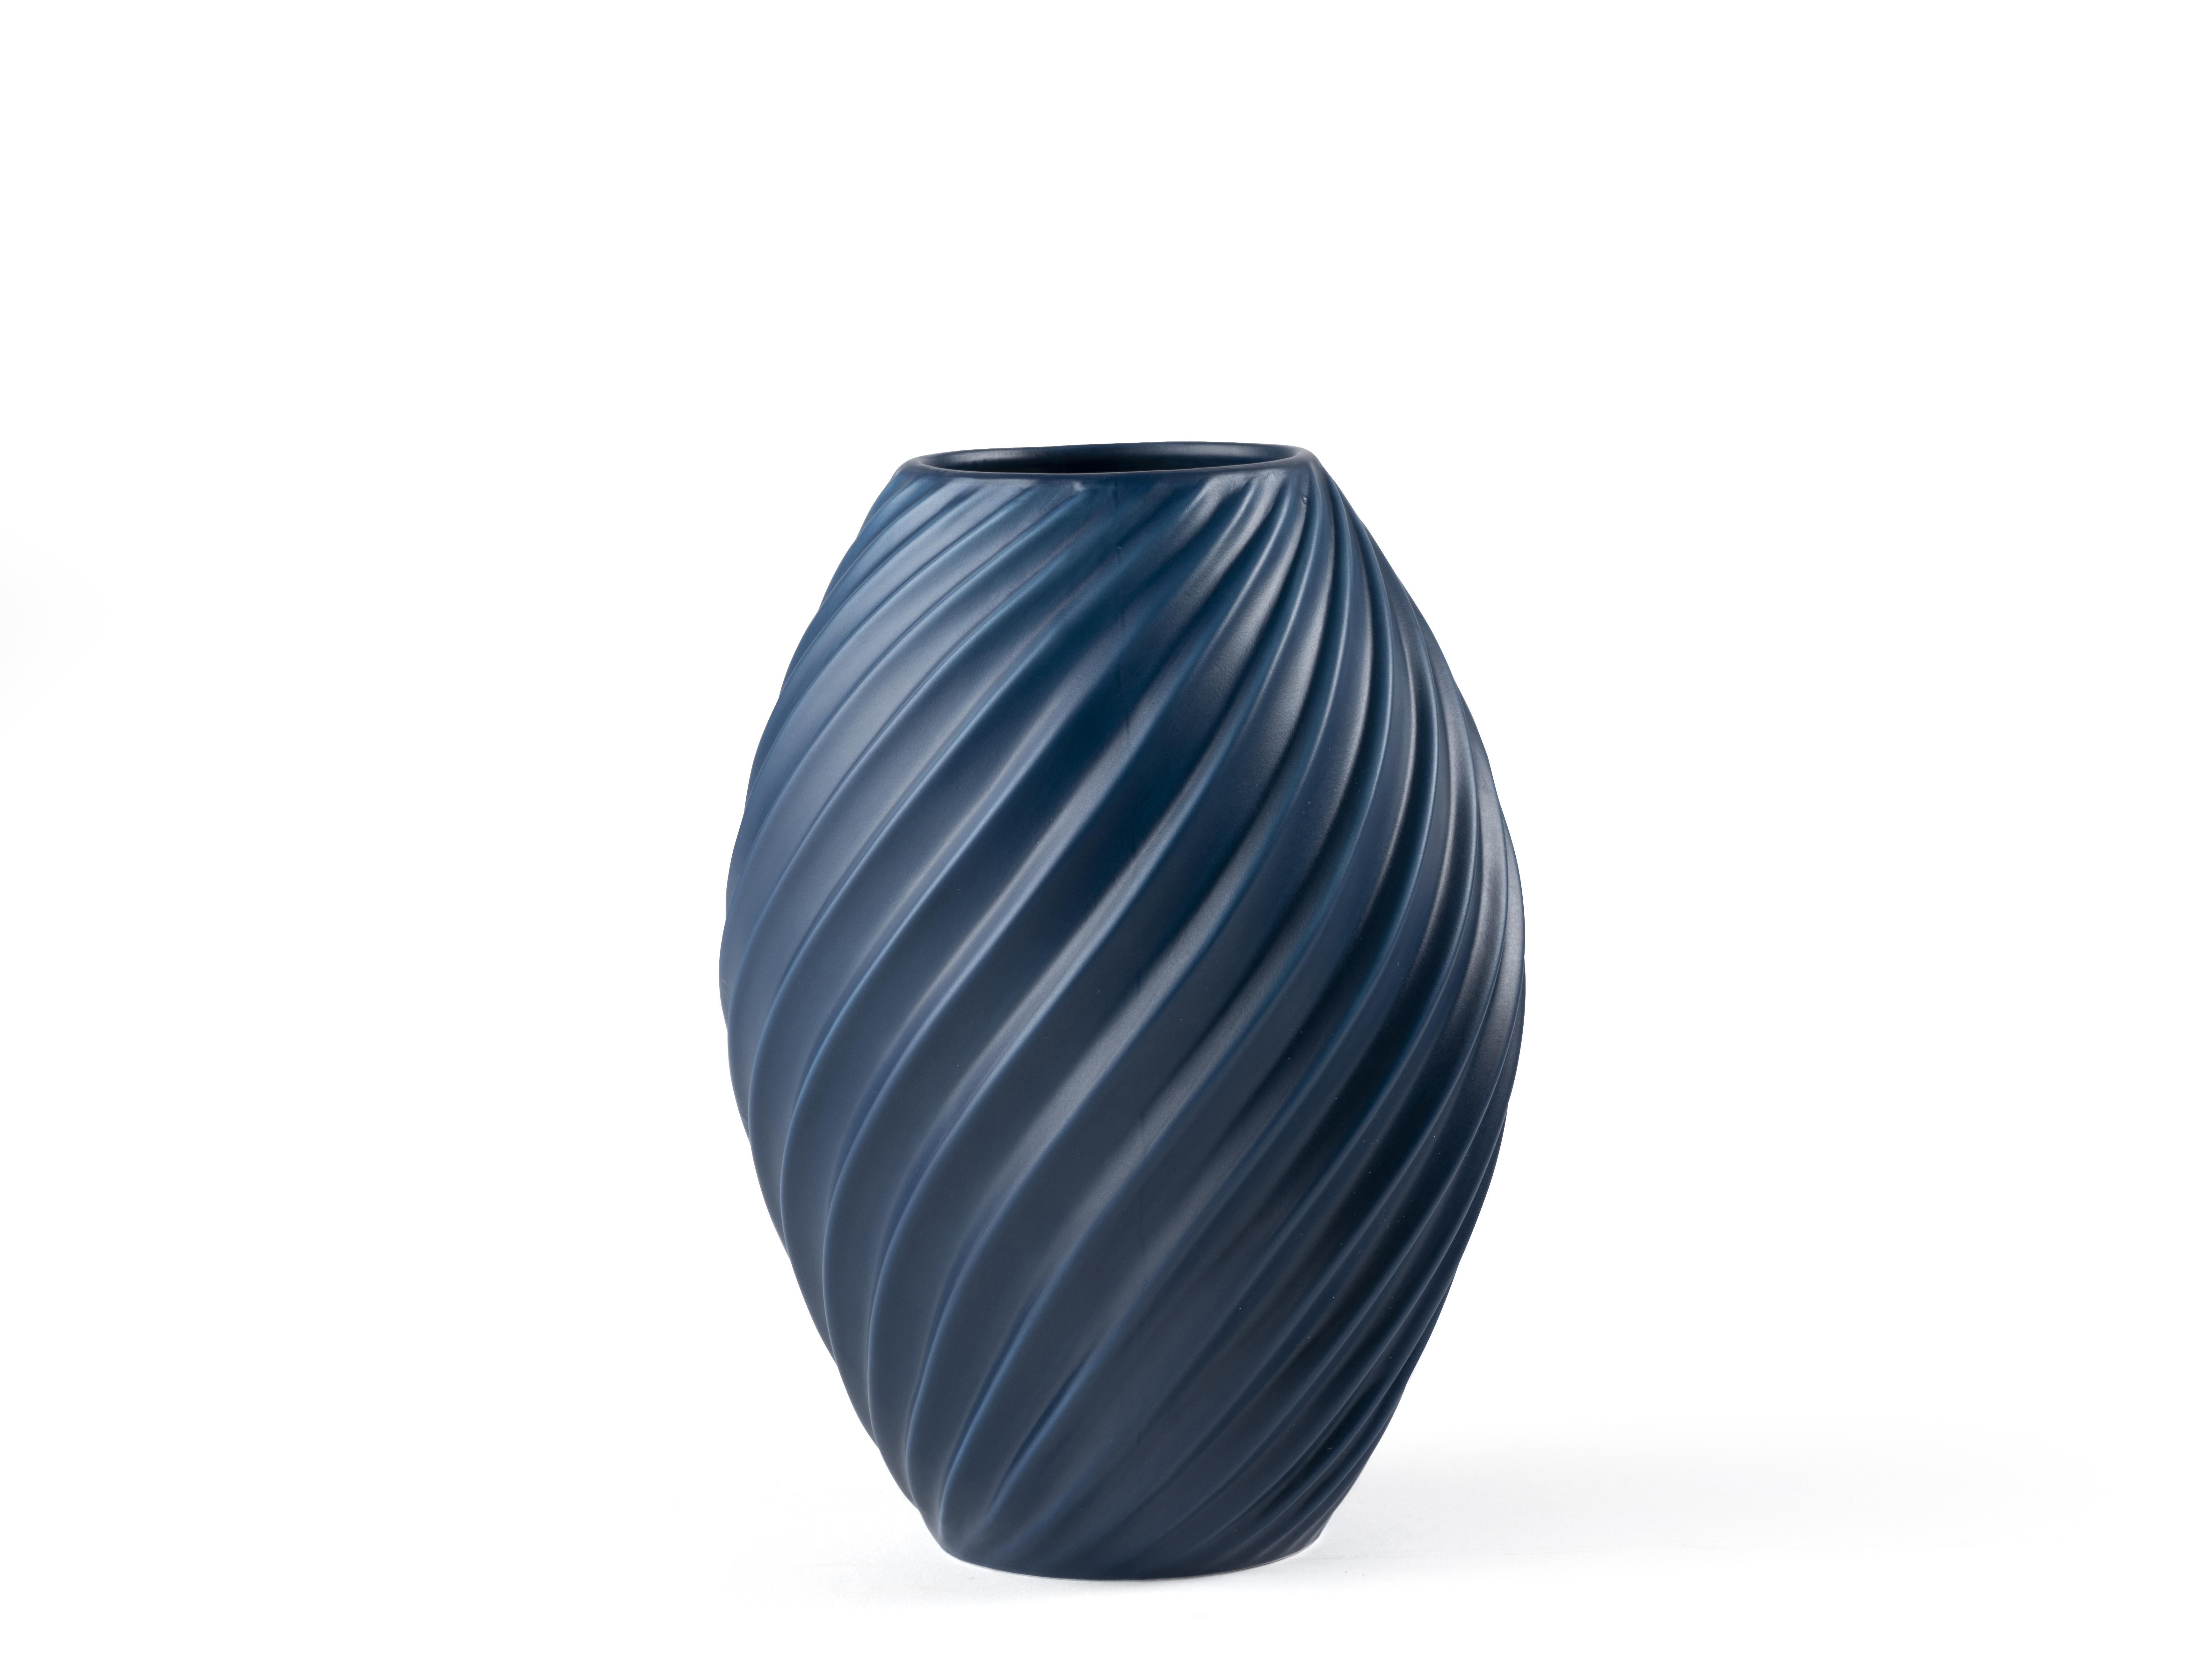 Morsø River vase, mat blå, 16 cm